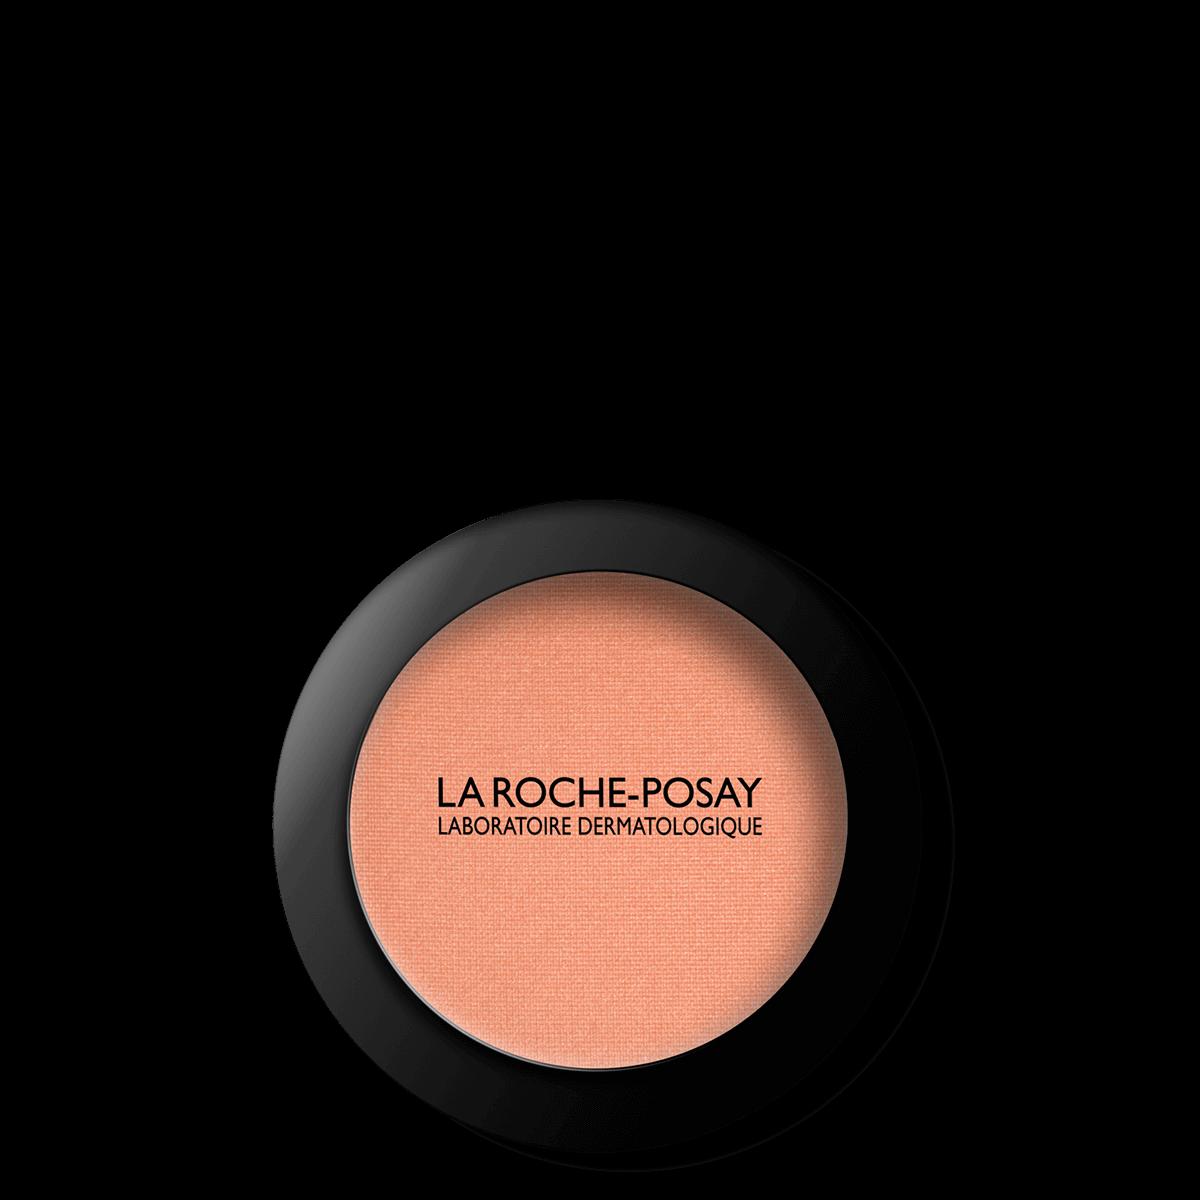 La Roche Posay Érzékeny Bőrre Toleriane Smink ARCPIROSÍTÓ CopperBronze 33378724